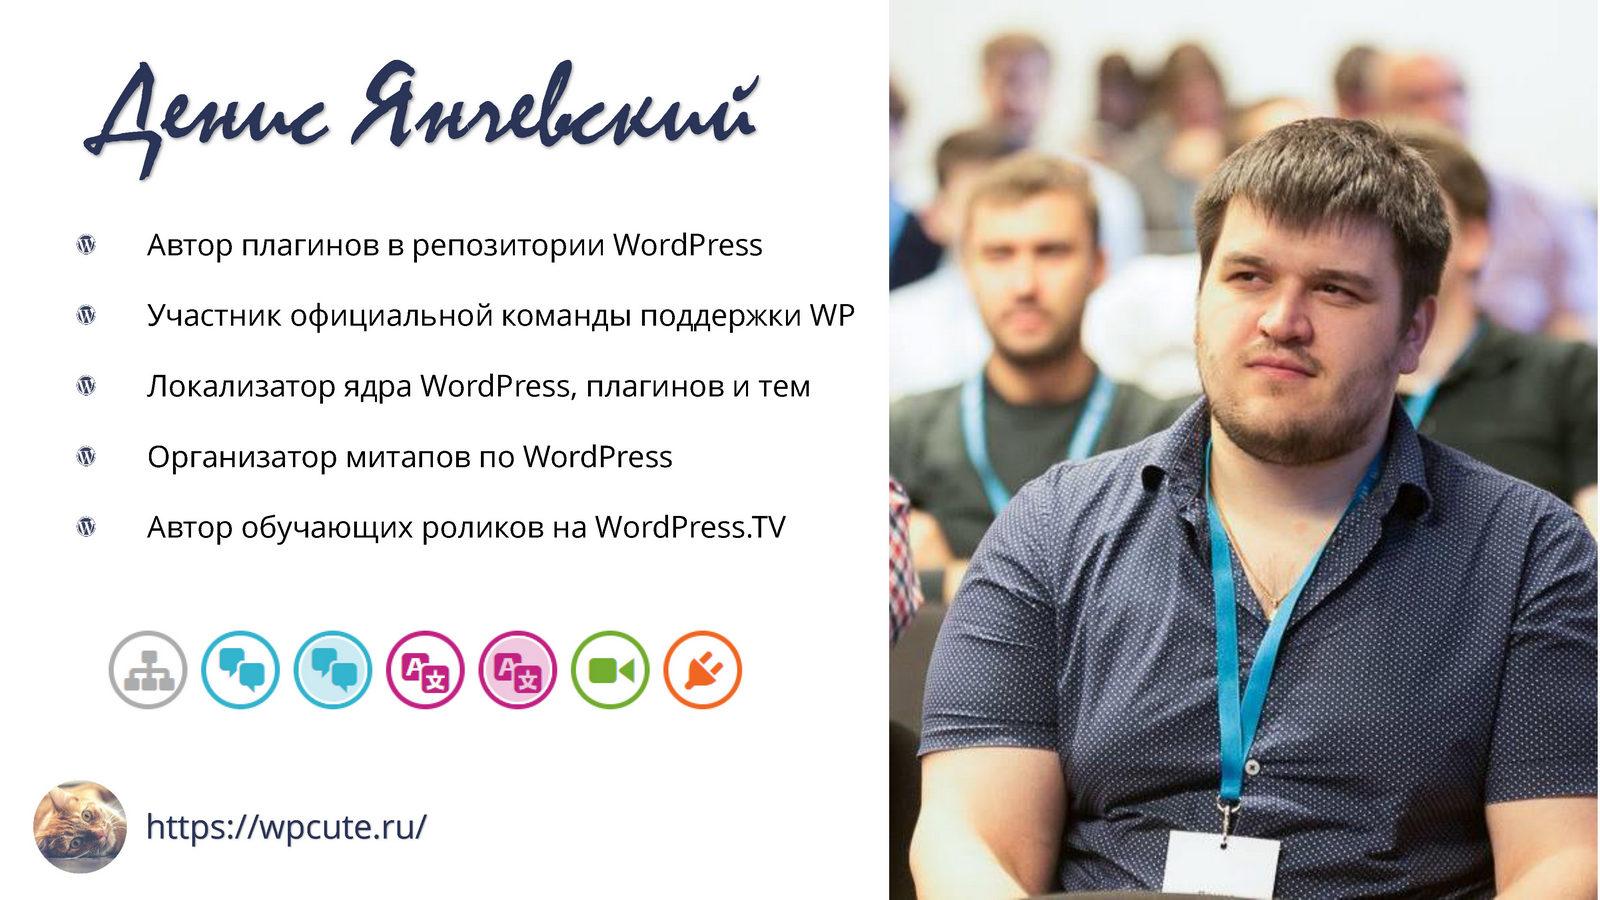 Стань WordPress-скаутом — Денис Янчевский_Page_02